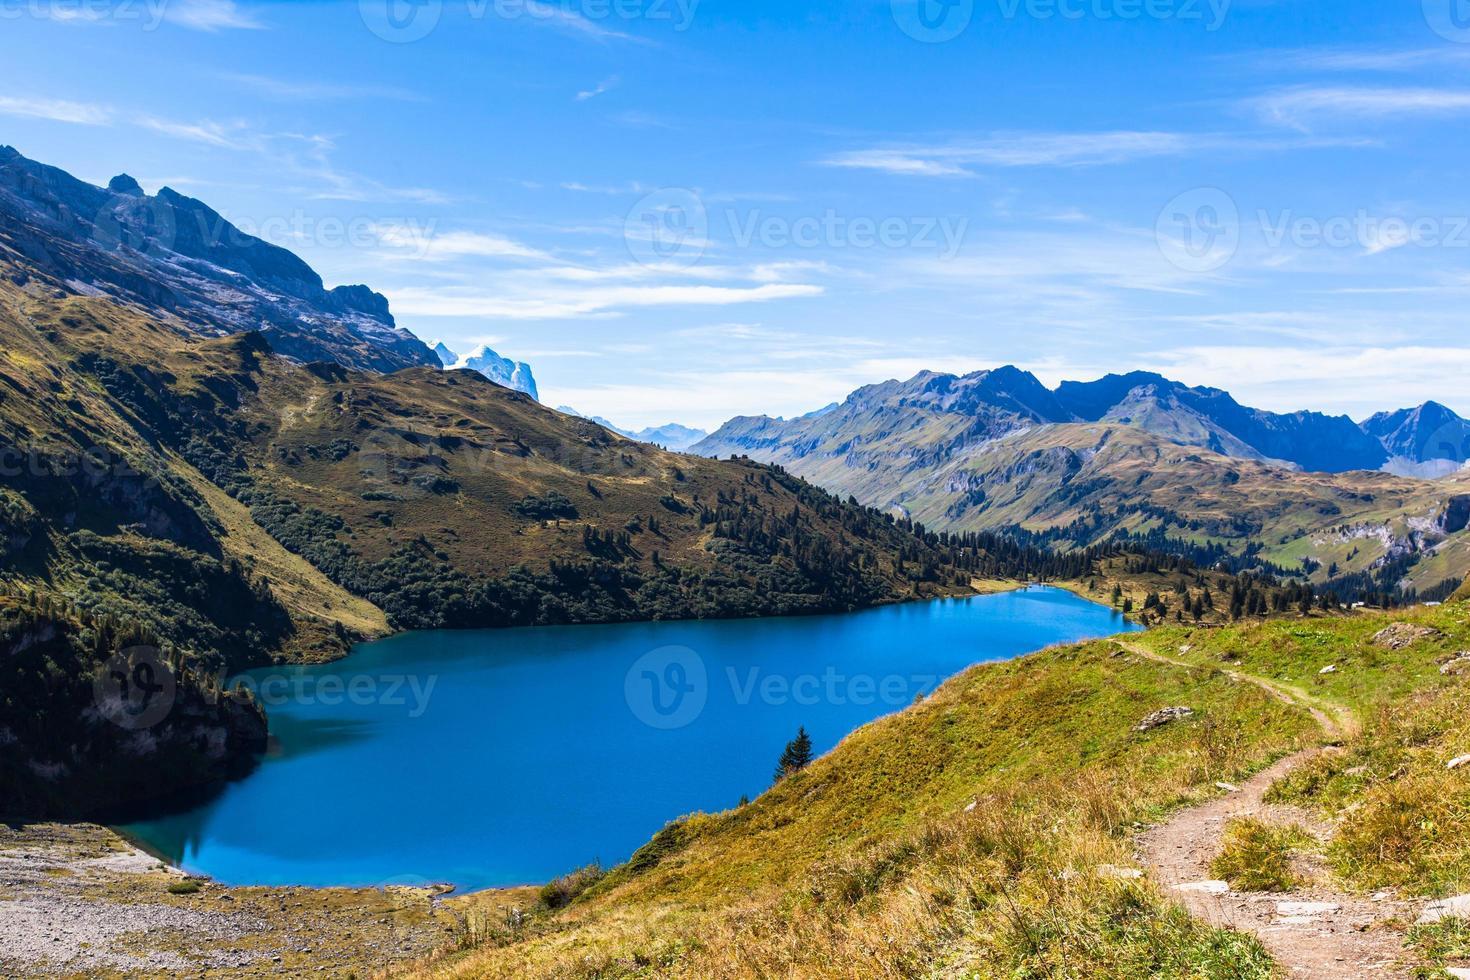 Vue aérienne du lac Engstlensee et des Alpes photo